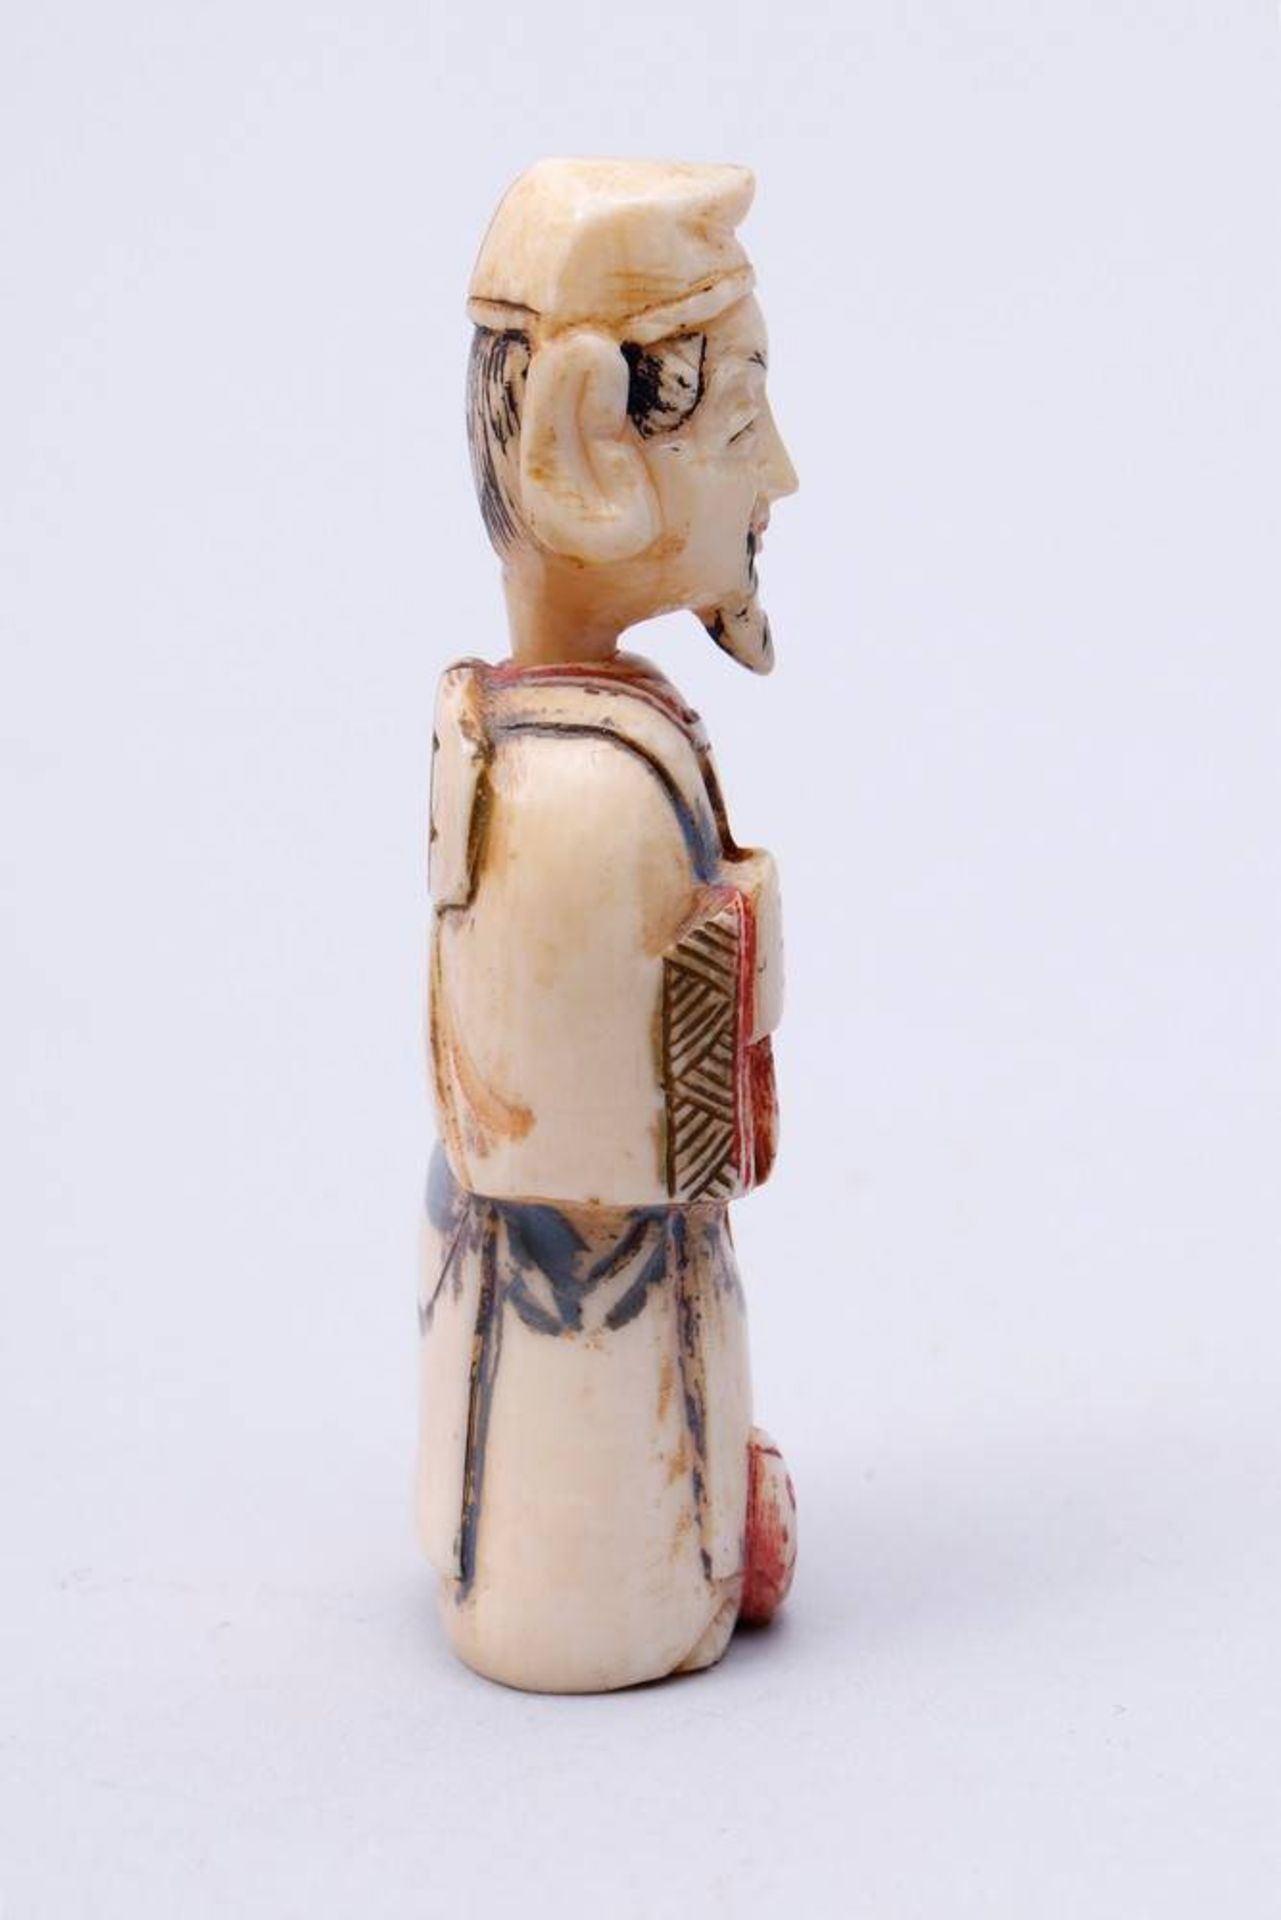 Figürliche Snuff-Bottle China, Anfang 20. Jh., stehender Fischer, Kopf als Verschluss, Elfenbein, - Bild 4 aus 7